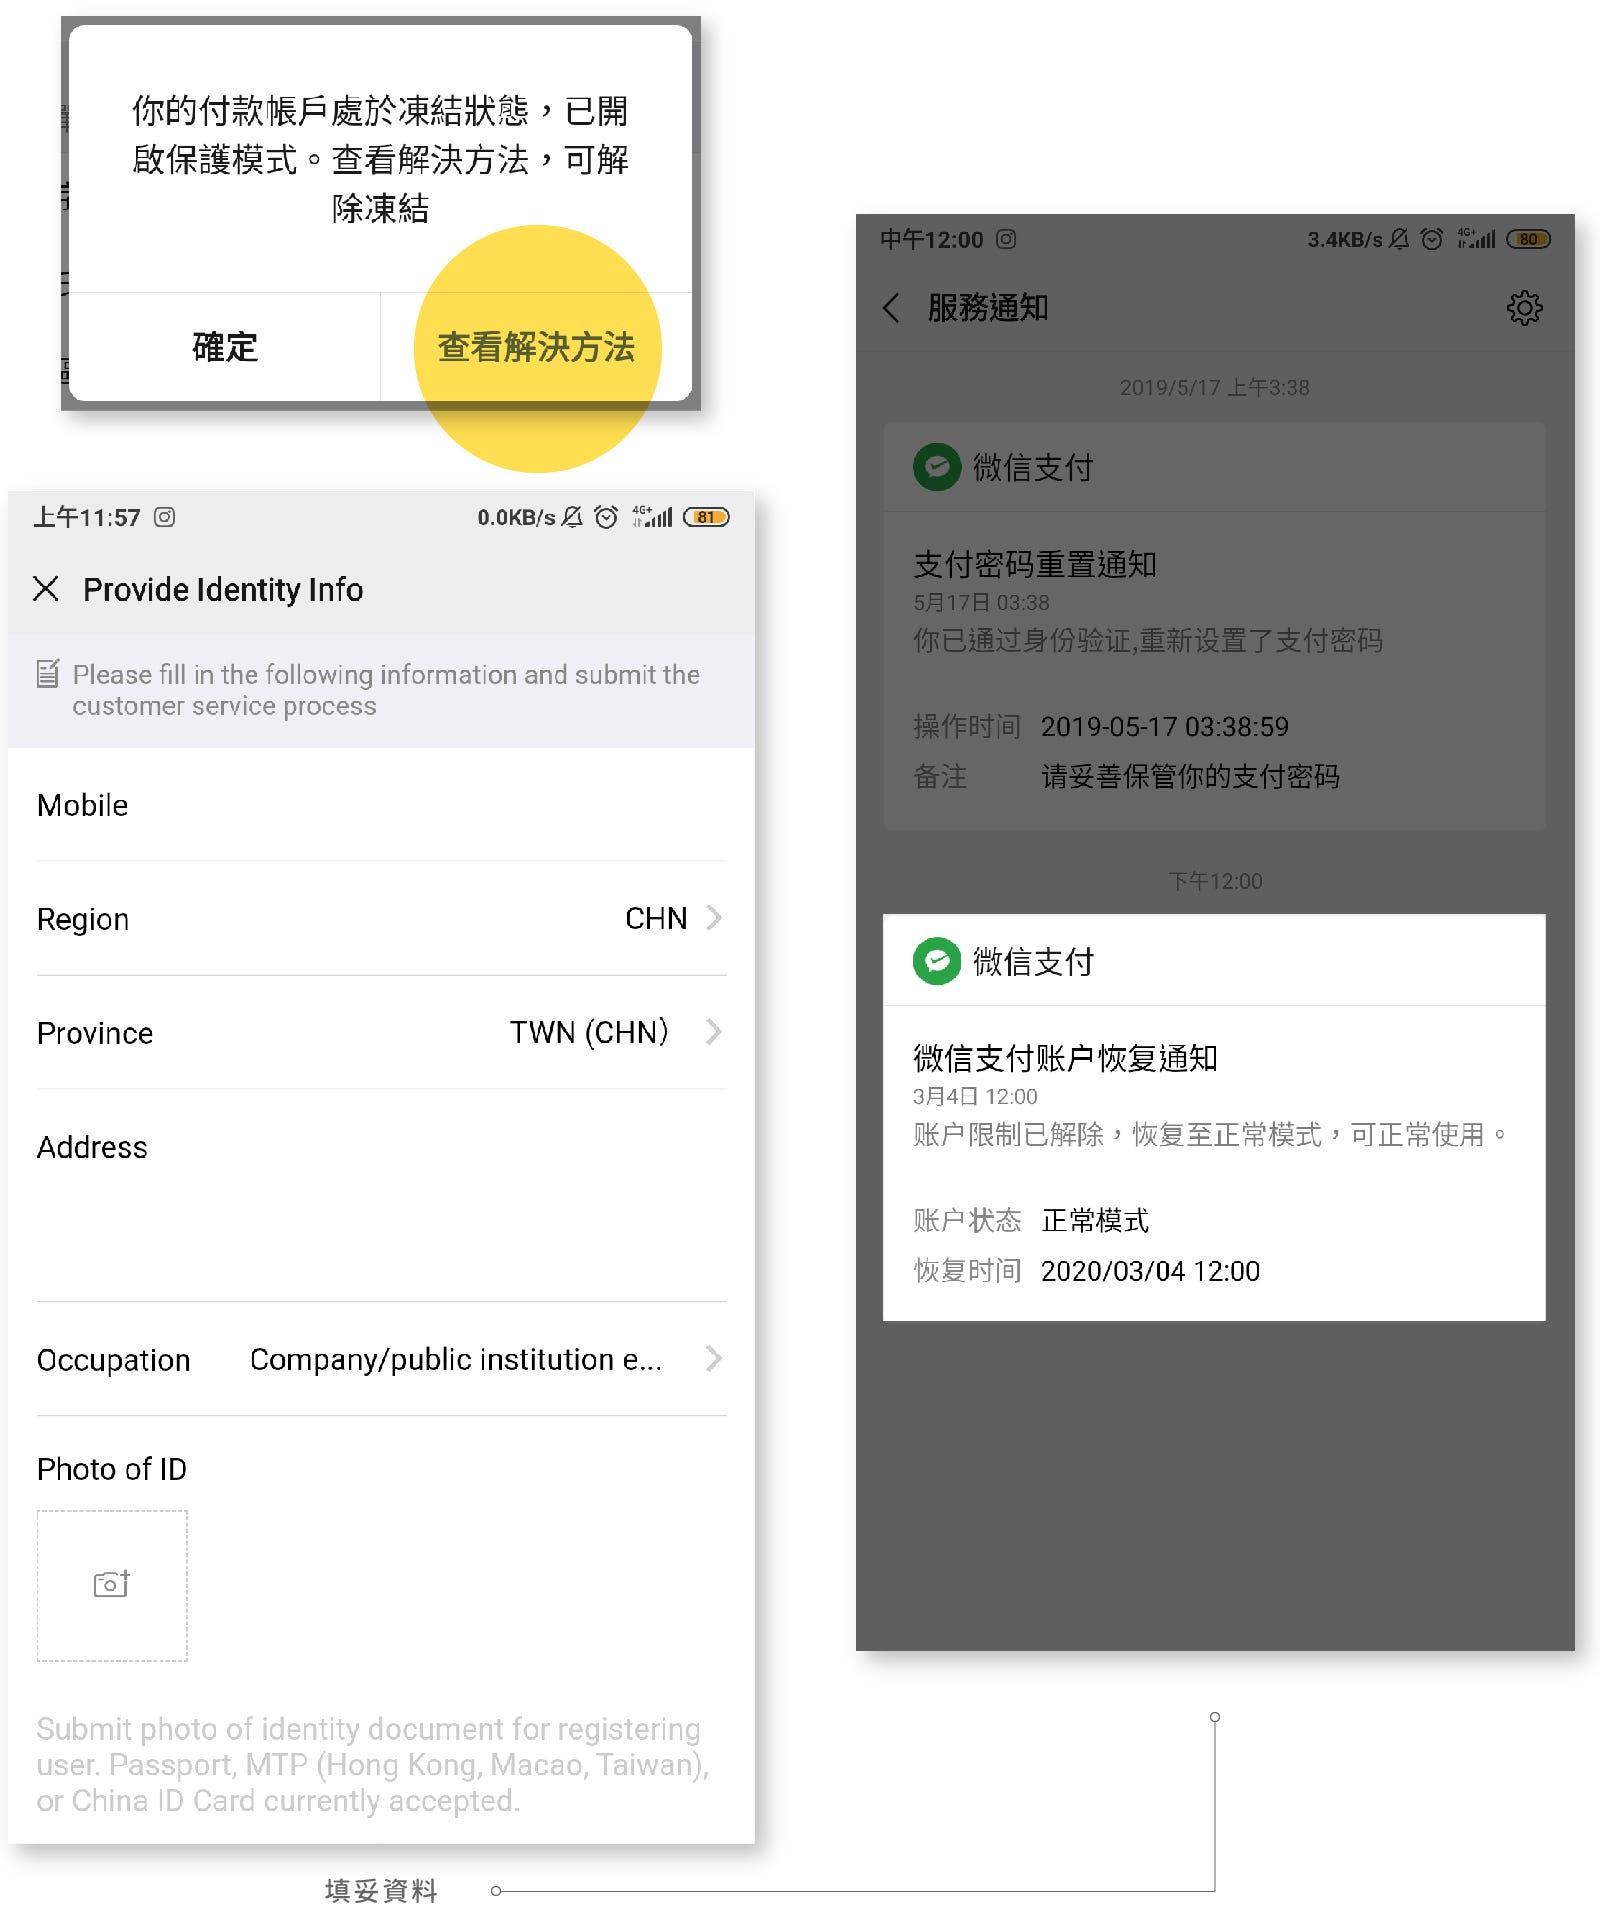 臺灣開通微信支付錢包的免費方式. WeChat Pay 實名認證 | by 柯基黑客 TechHacker | 柯基黑客 TechHacker | Medium